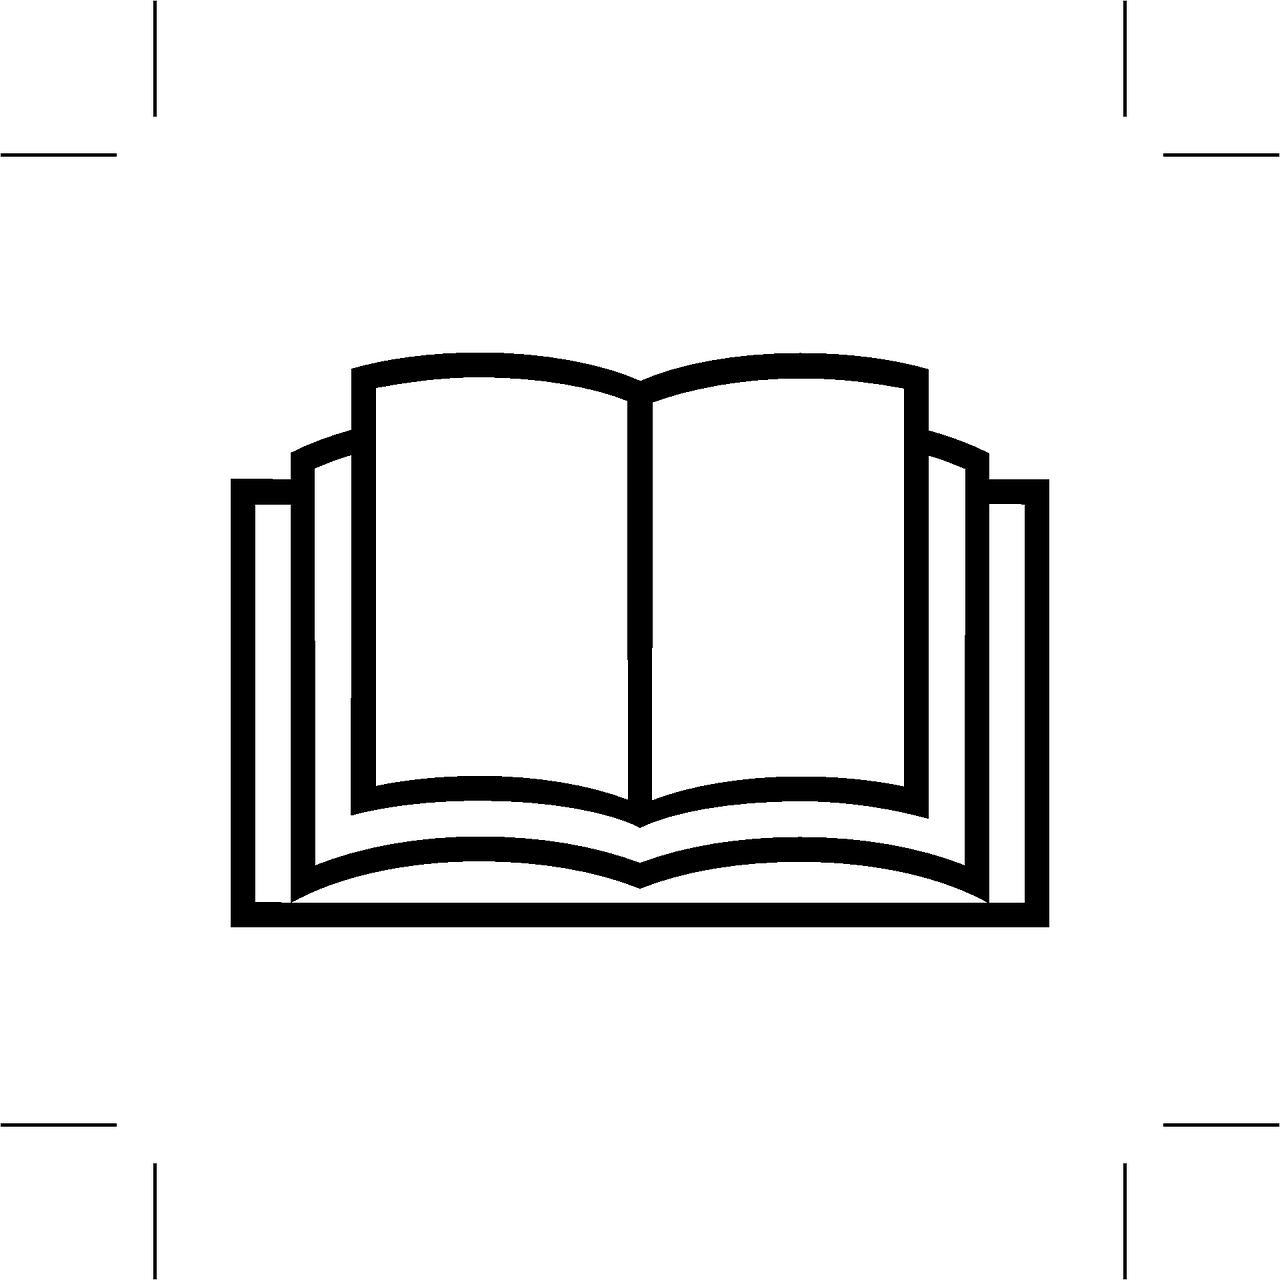 PORTALE DEDICATO per invio MODULO alla PREFETTURA: manual-98728_1280_5580_1.png (Art. corrente, Pag. 1, Foto logo)